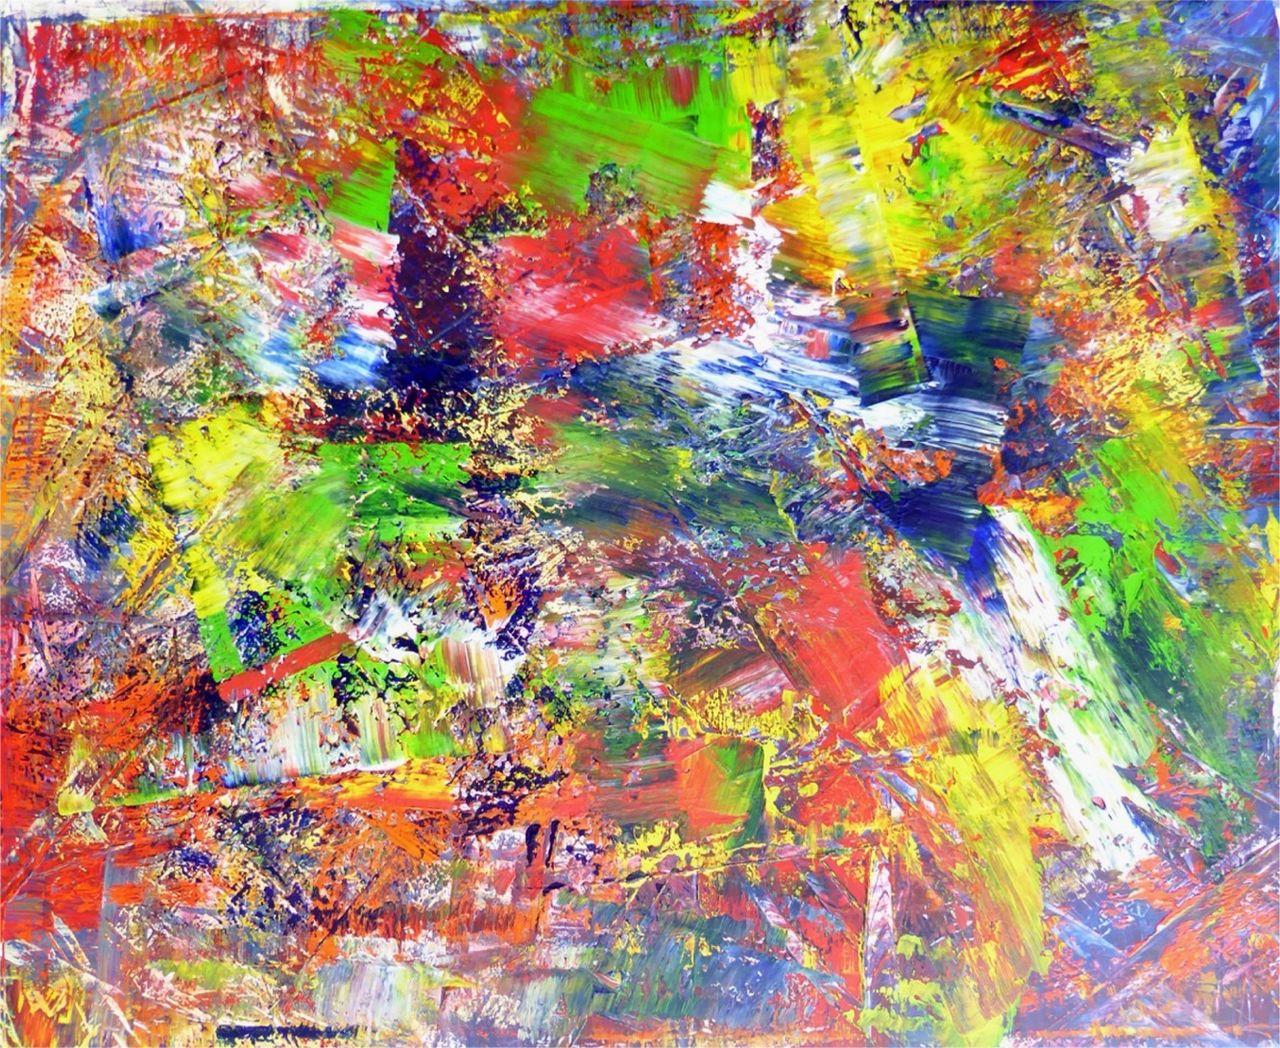 Image Gemaldegalerie Abstrakte Kunst Moderne Kunst Malerei Von Factory Art On Kunstnet